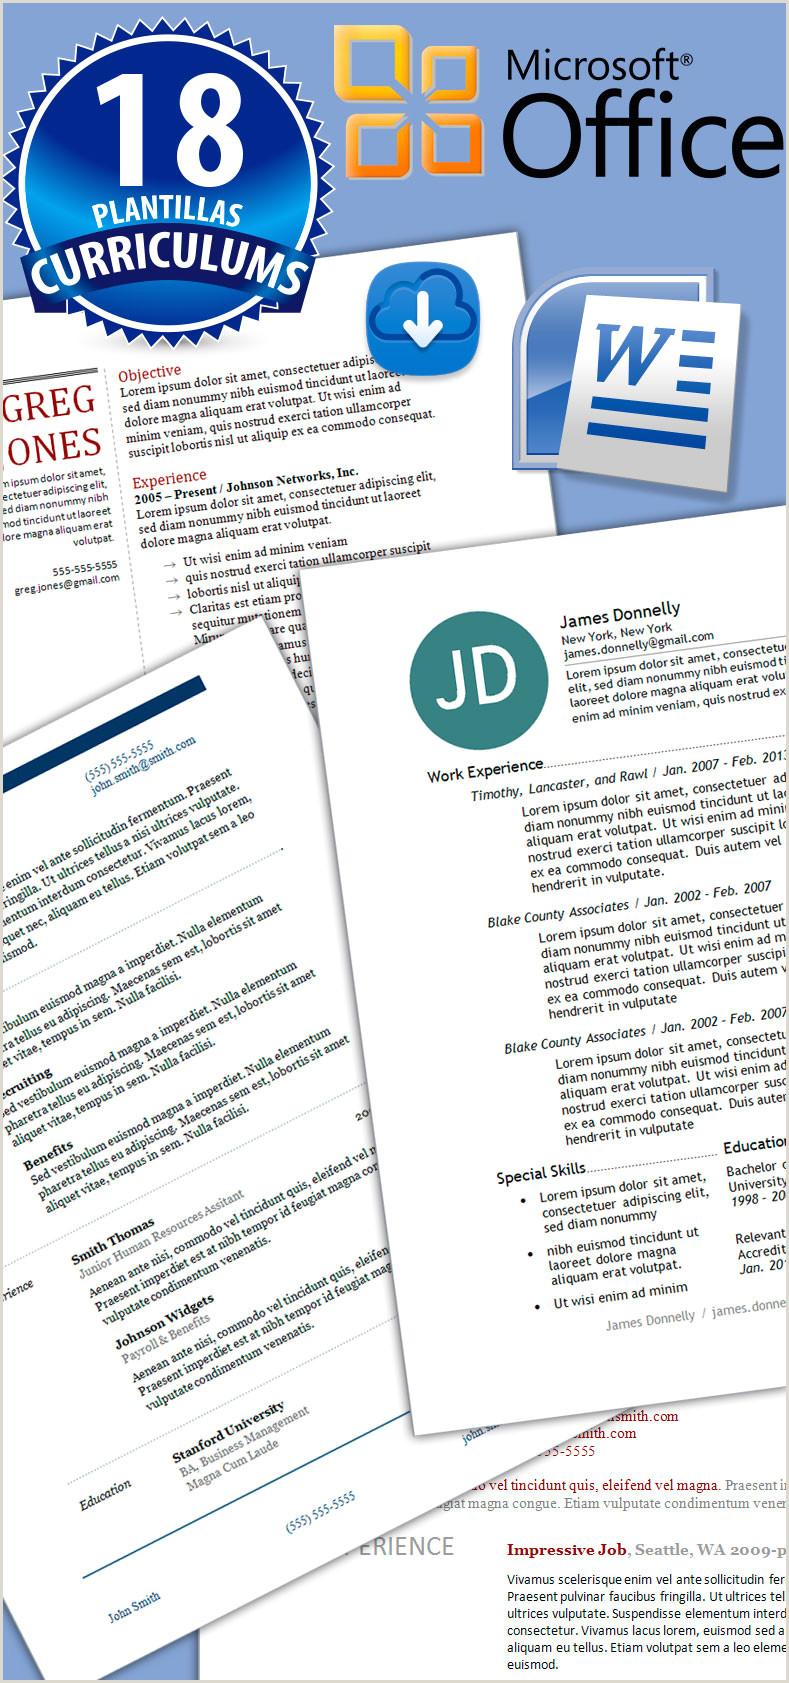 Formato De Hoja De Vida Funcional 18 Plantillas Editables Curriculums formato Word